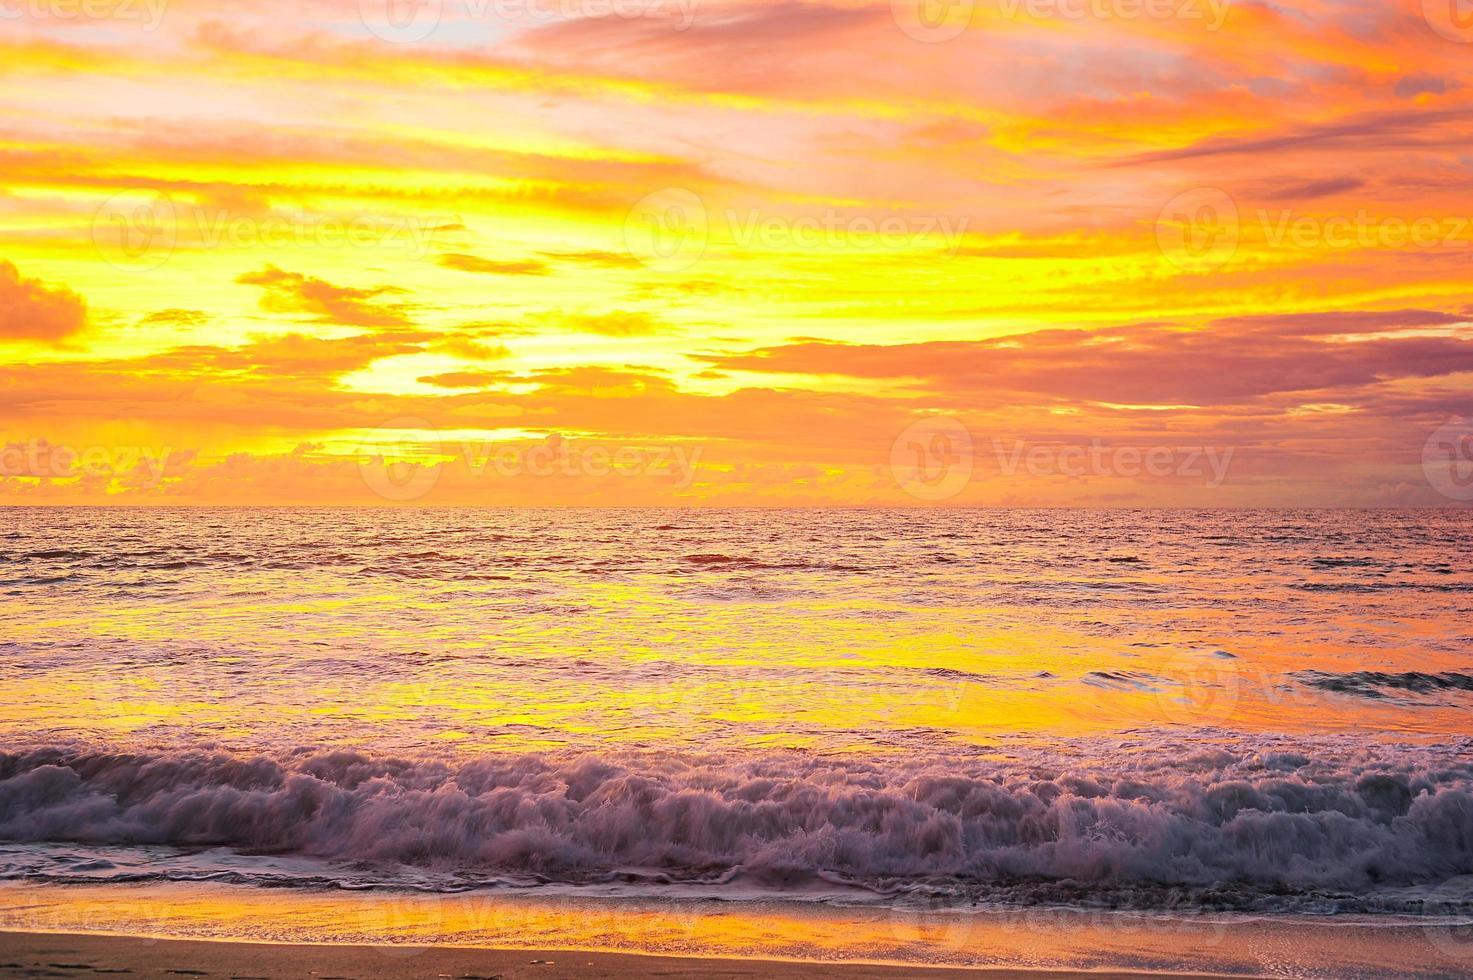 coucher de soleil sur bali photo